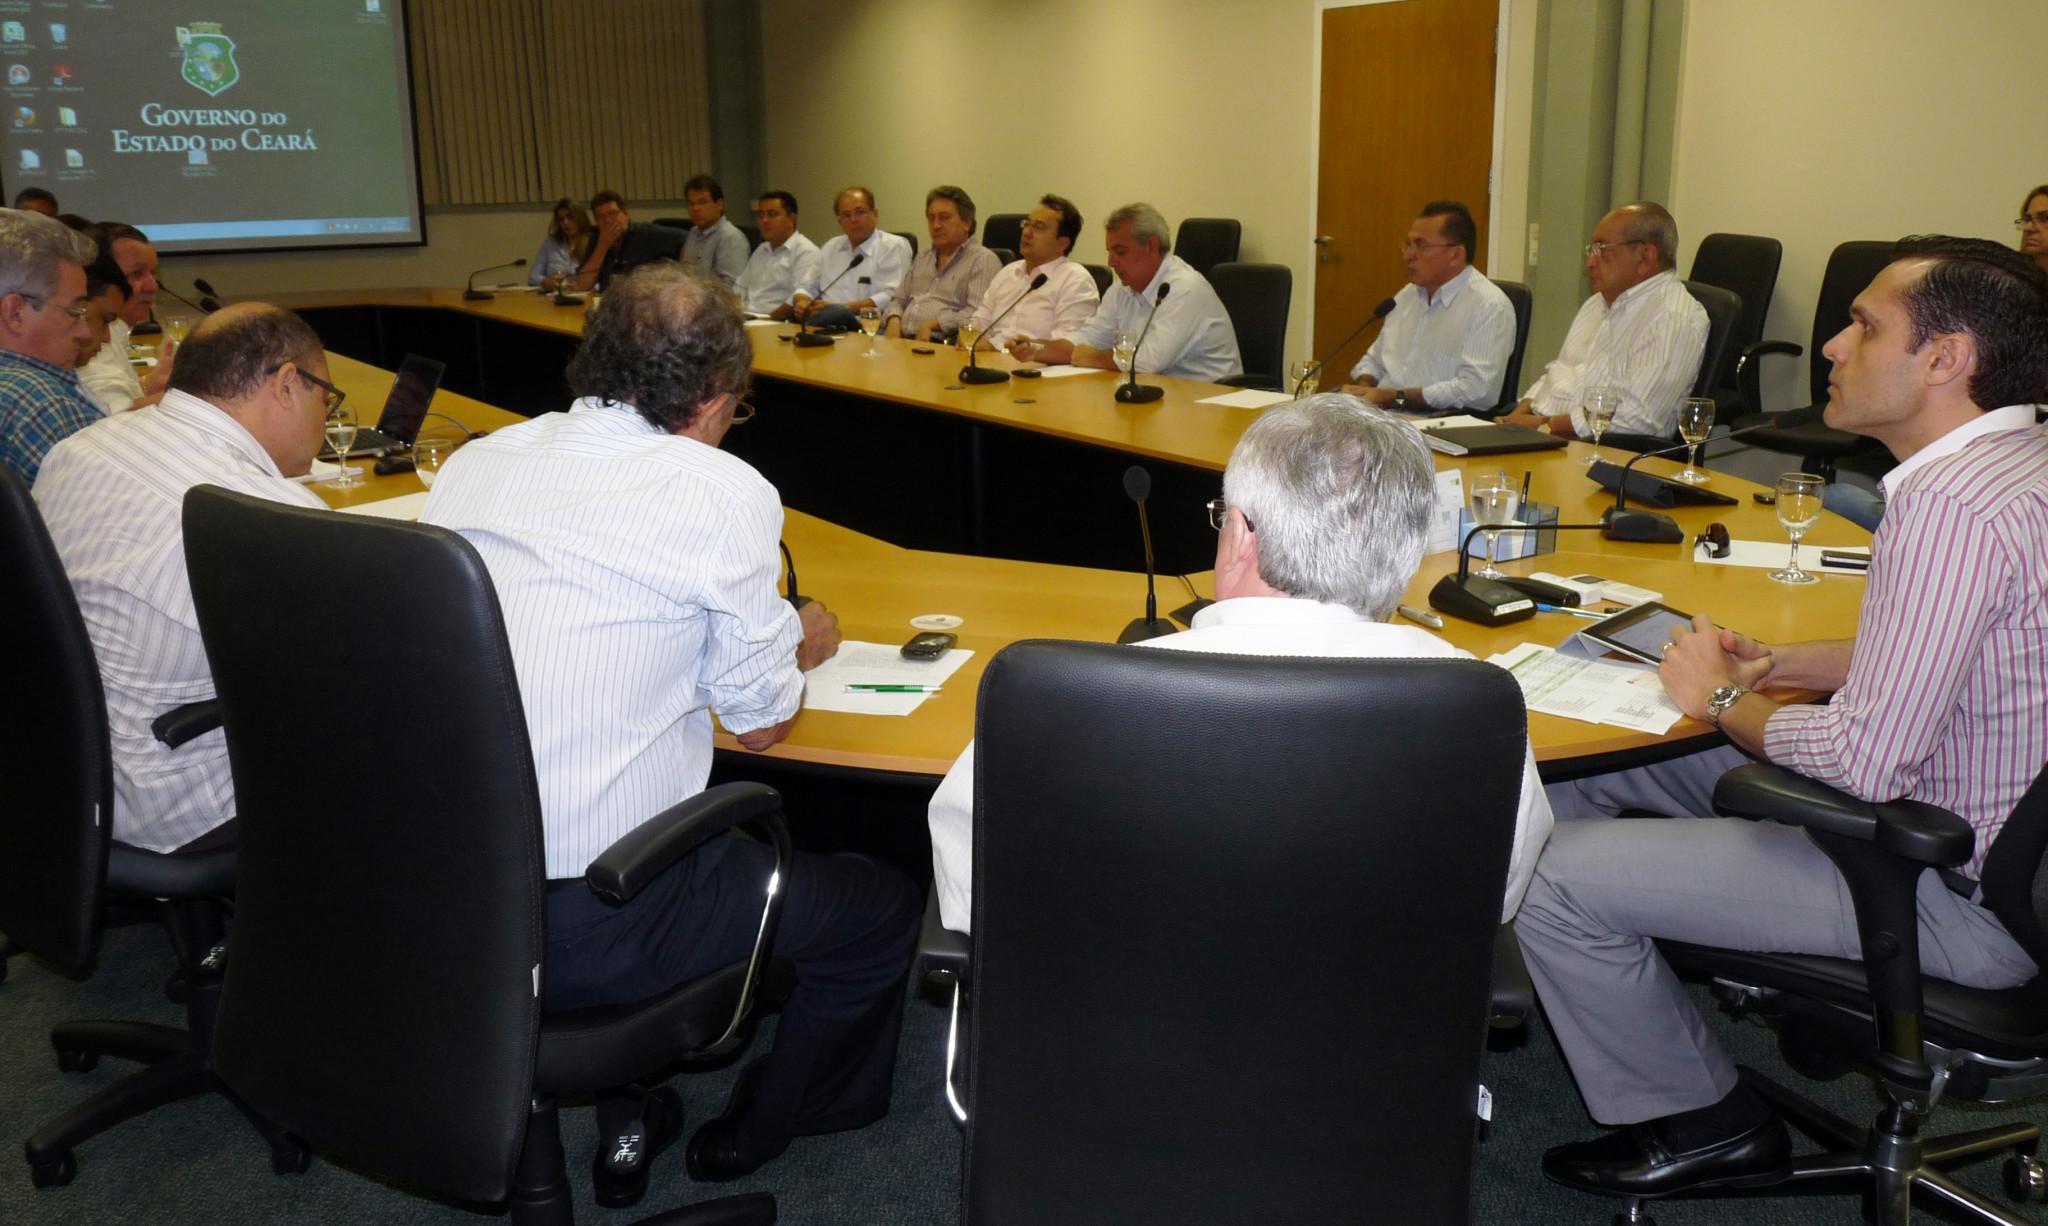 09-04-2012 - Reunião Grupo Infraestrutura e Logística ( João Teixeira e Edson Brok ) - Sala de Reunião (86)